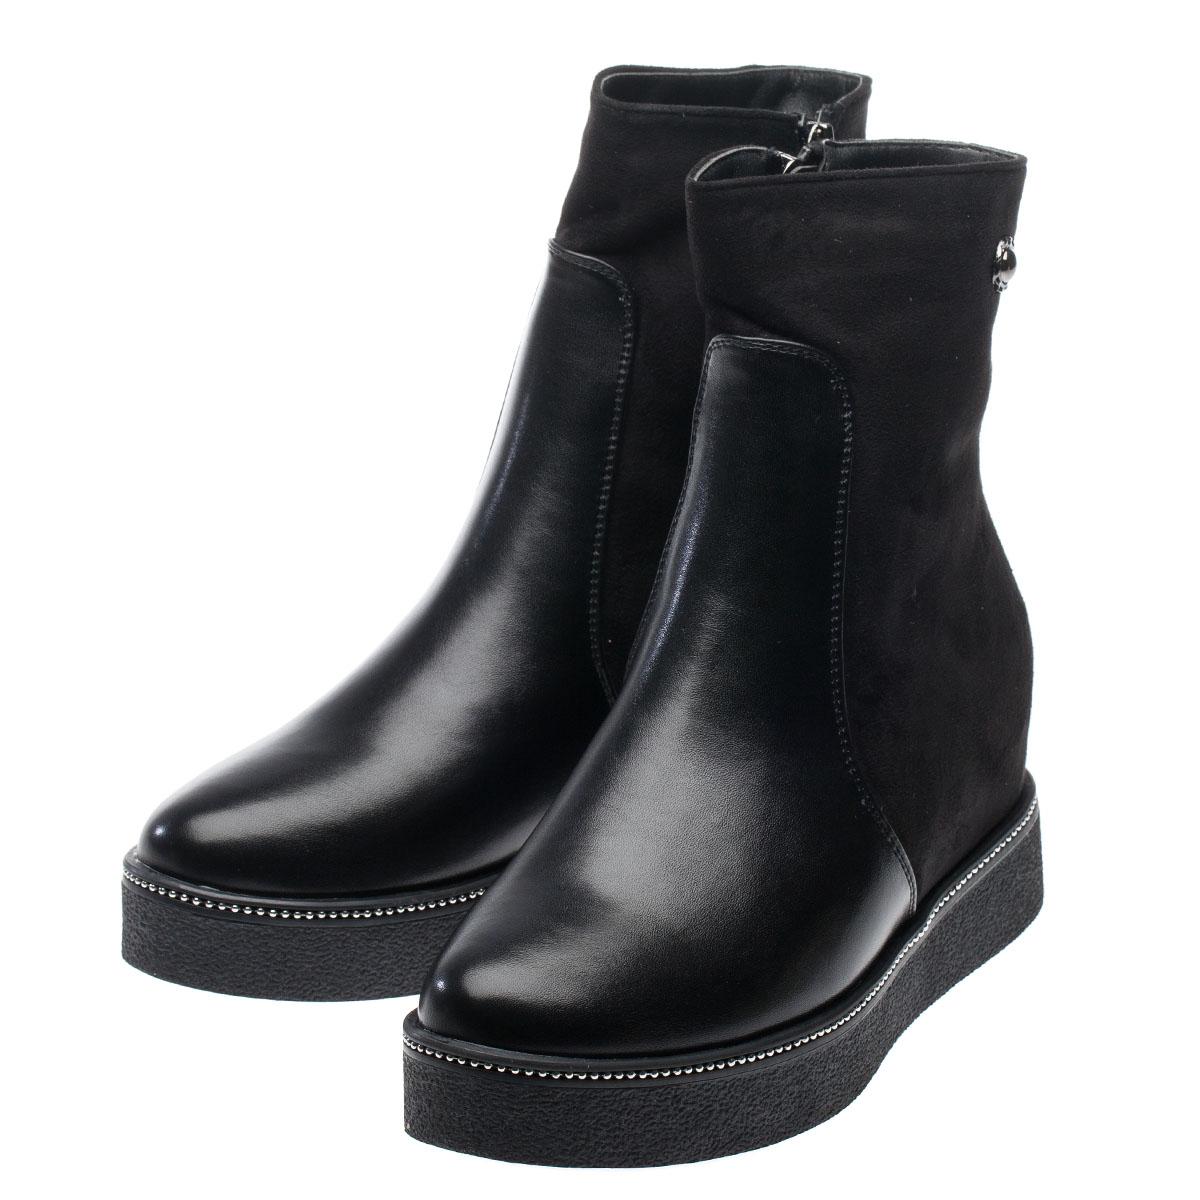 Фото - Ботинки демисезонные FERTO, D18-7001 ботинки демисезонные ferto skl 008